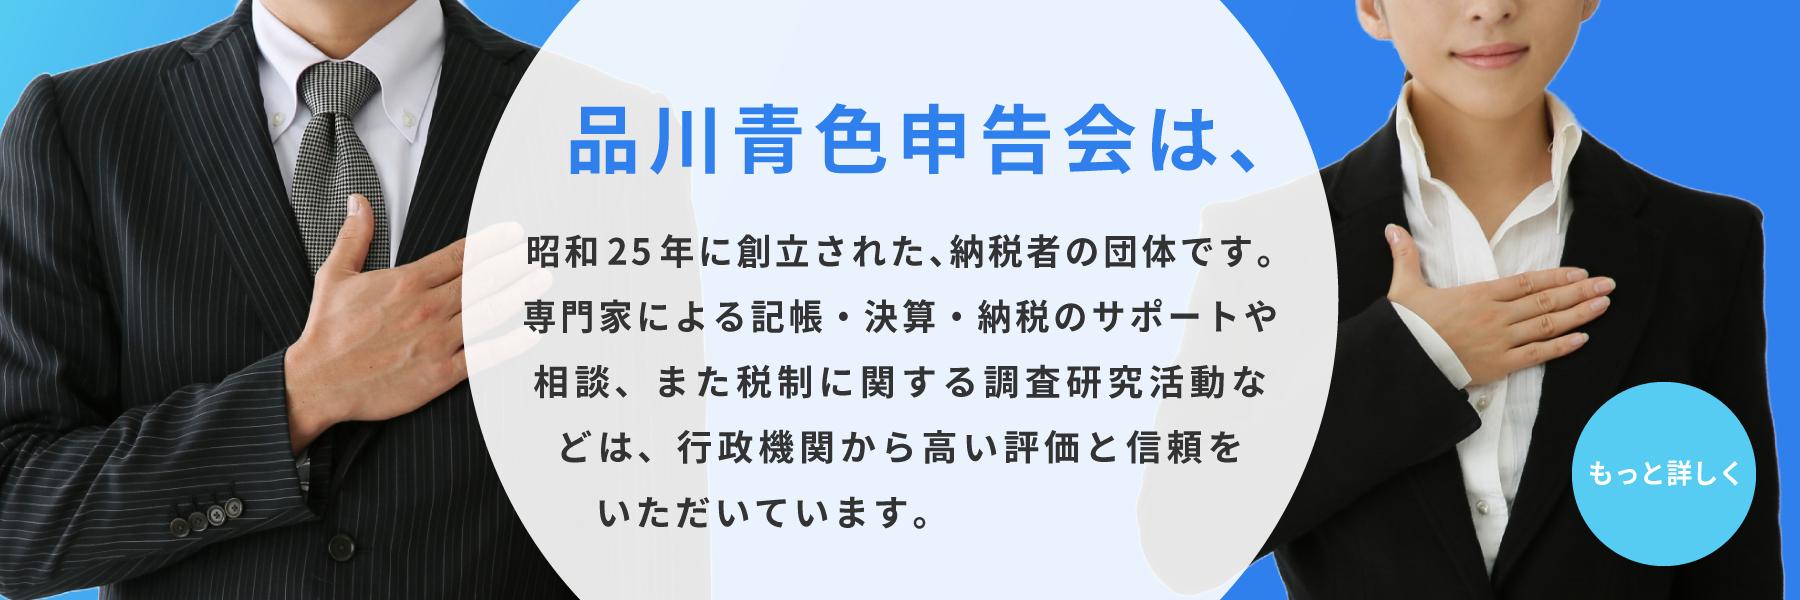 品川青色申告会とはトップ画像